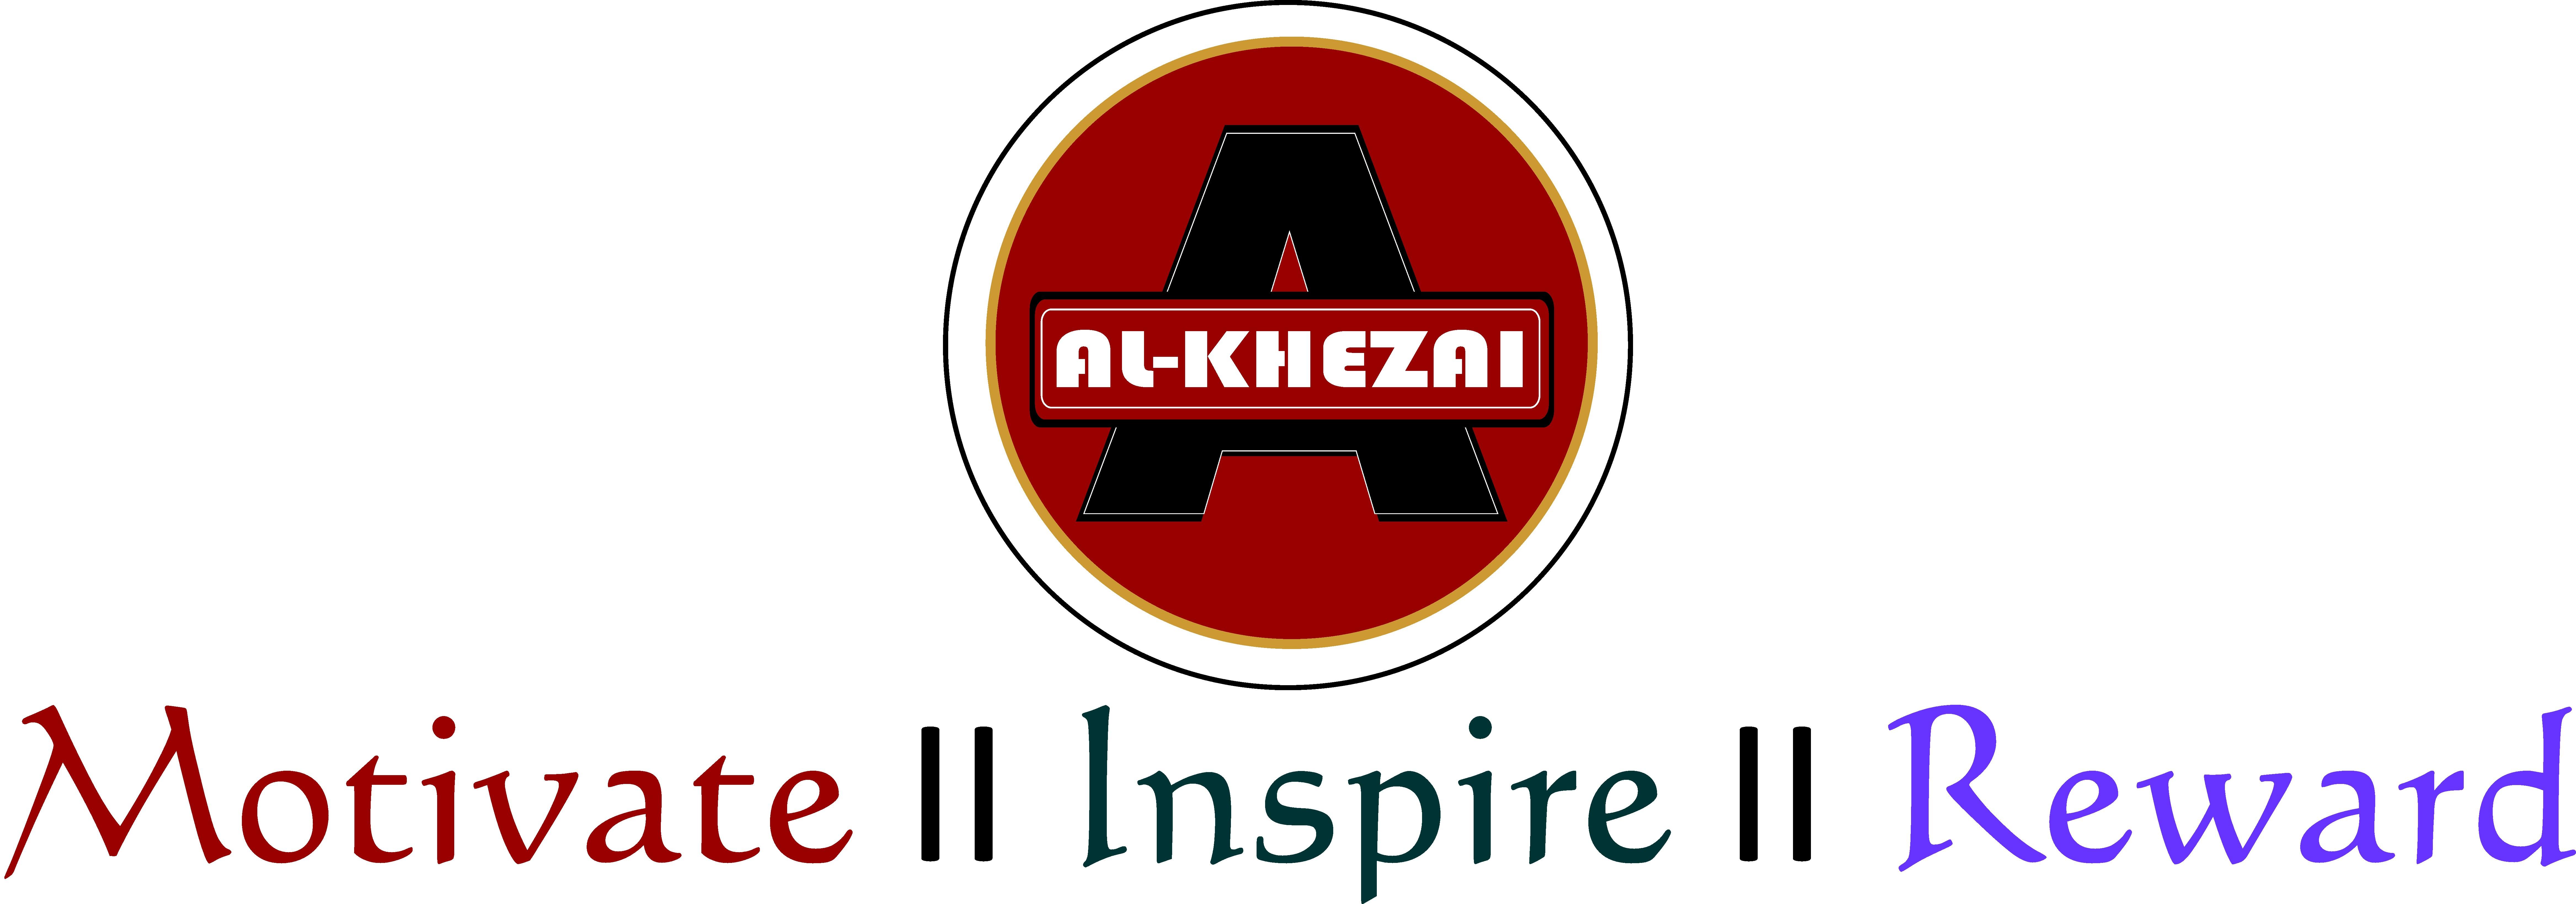 Al-Khezai